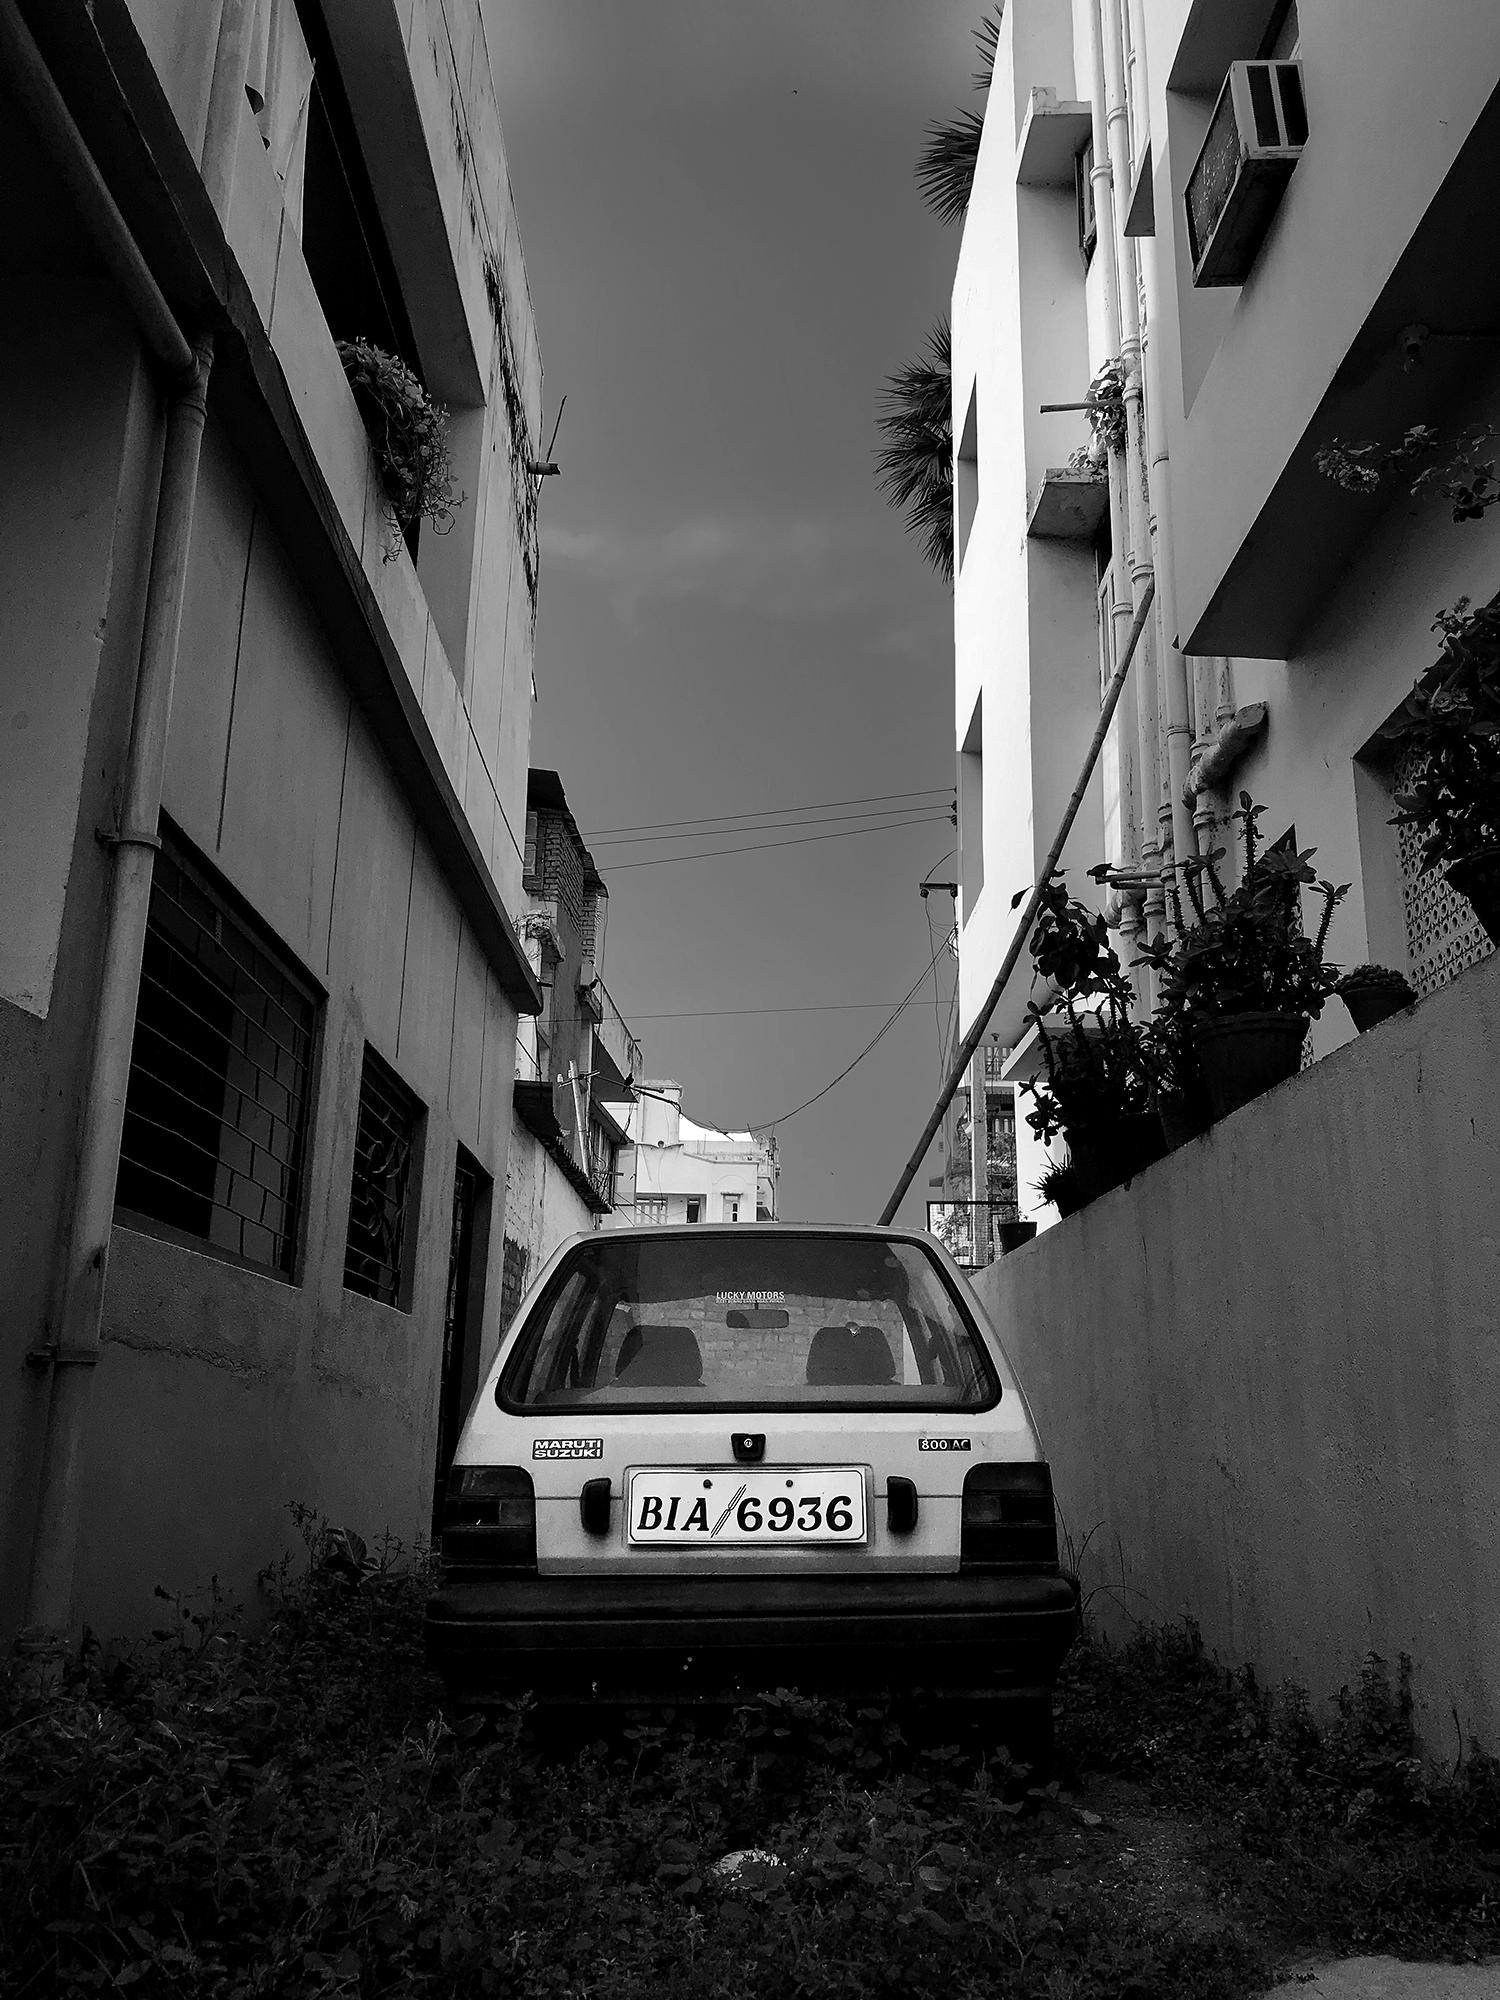 A ride called nostalgia